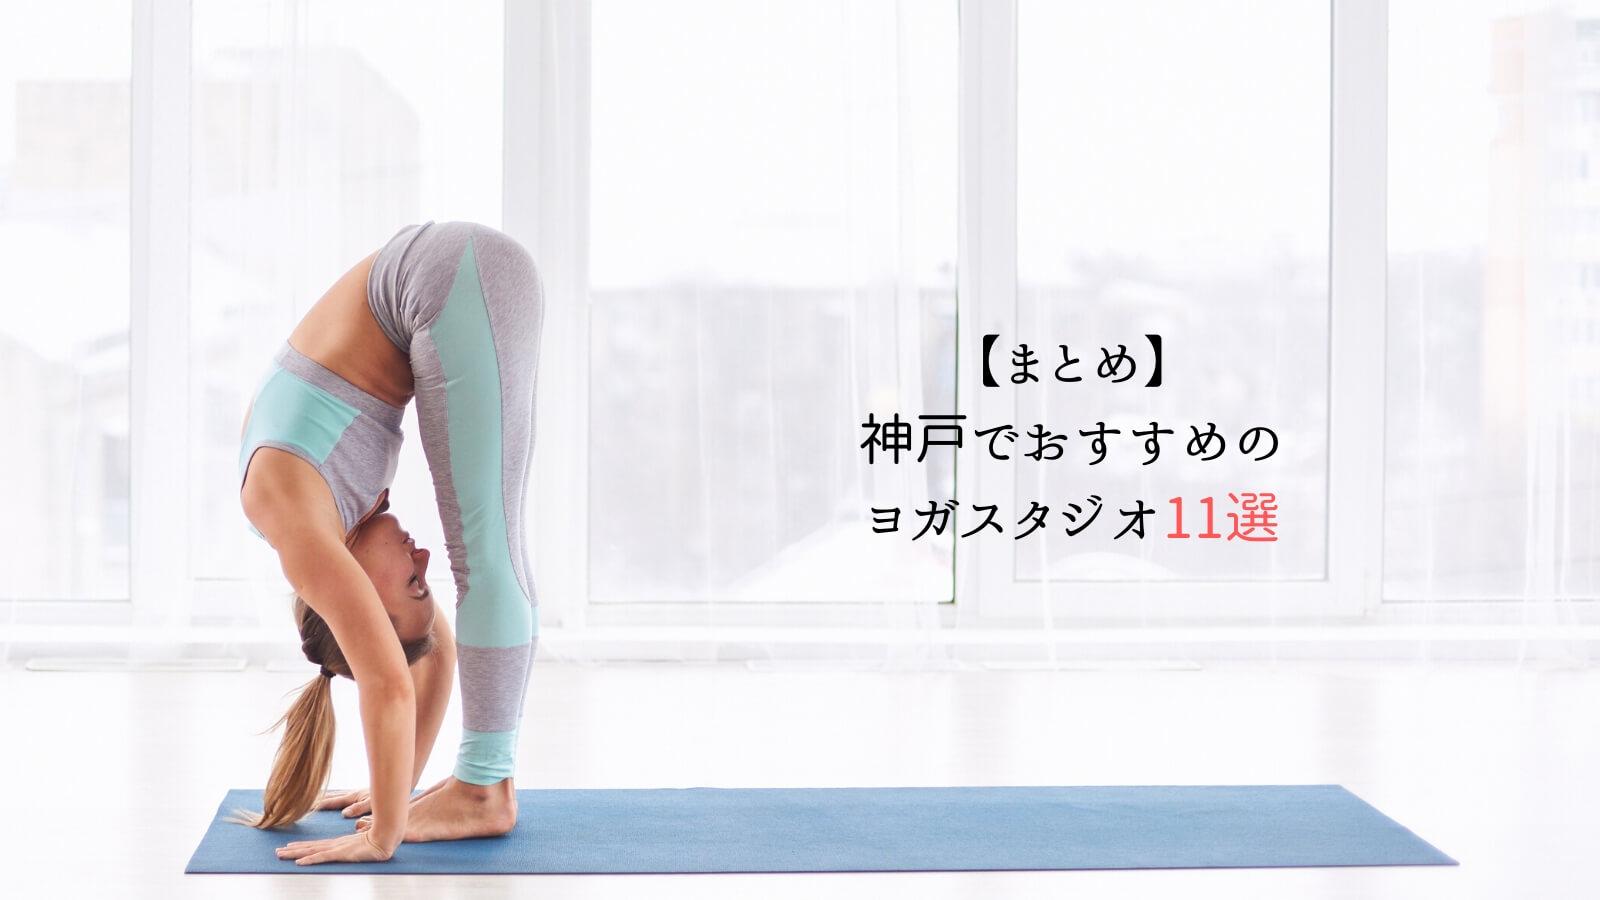 【まとめ】神戸でおすすめのヨガスタジオ11選